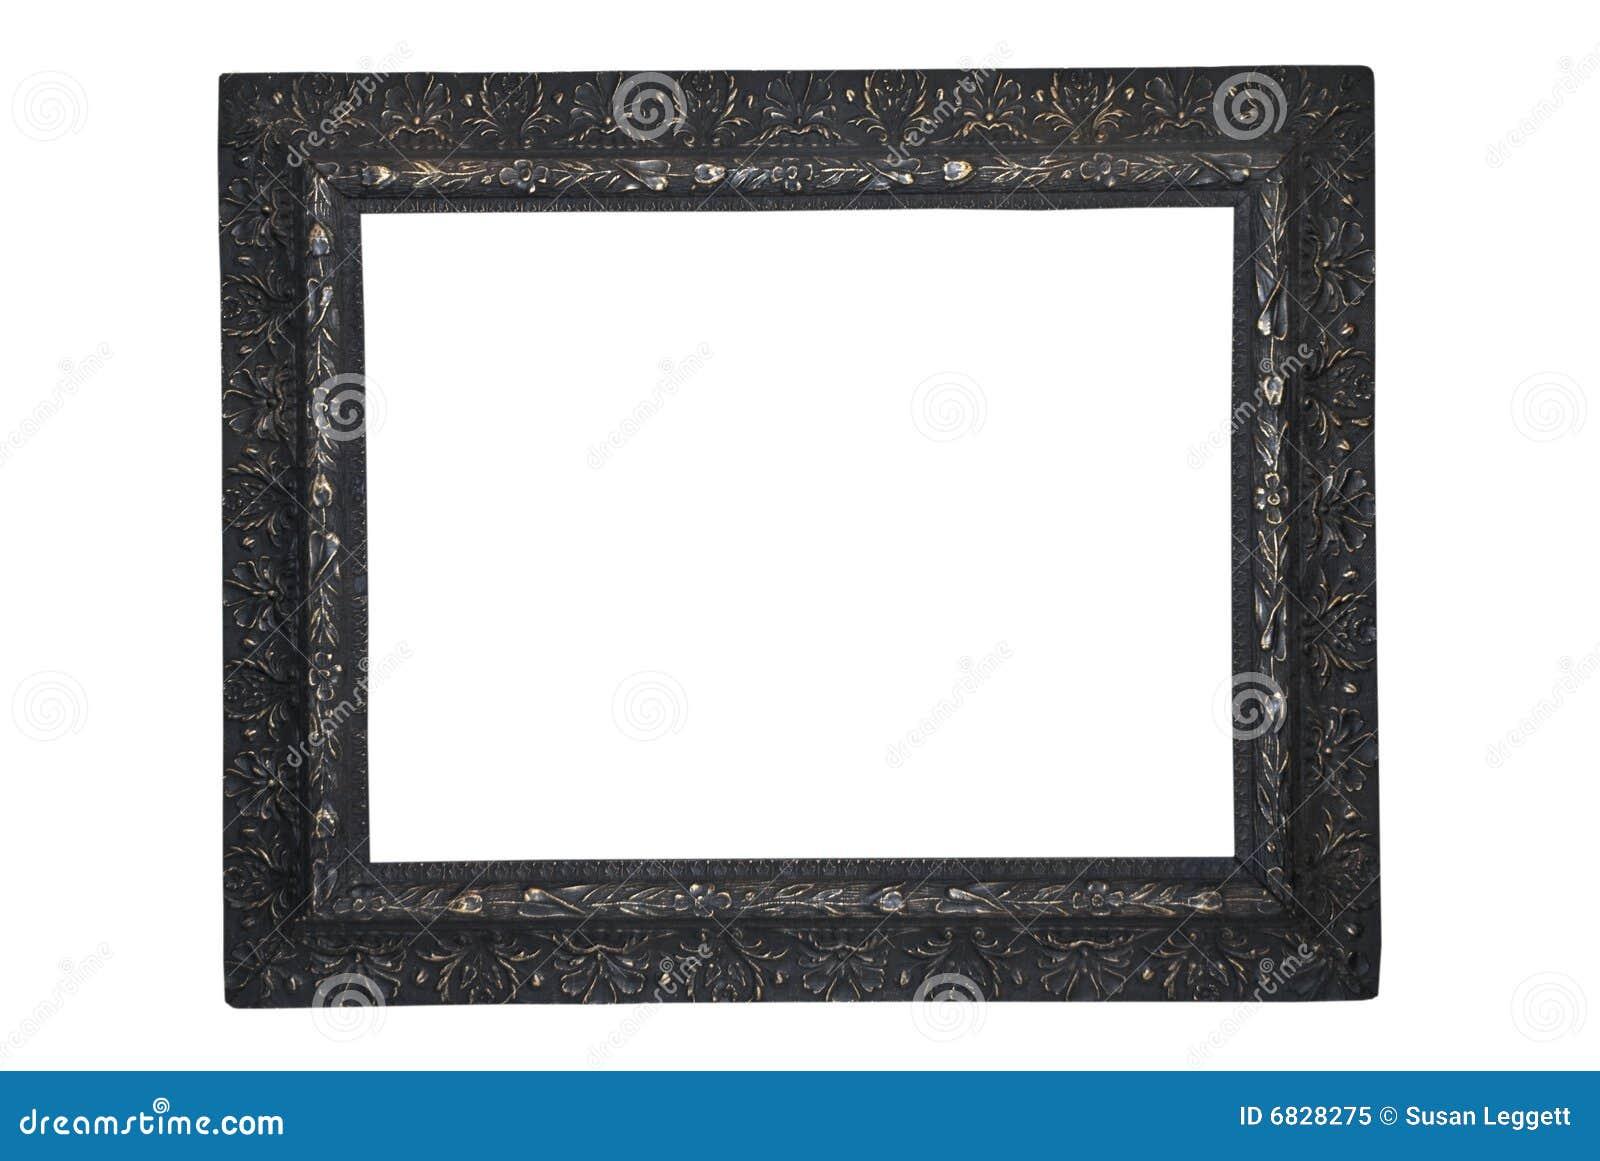 古色古香的黑色框架照片